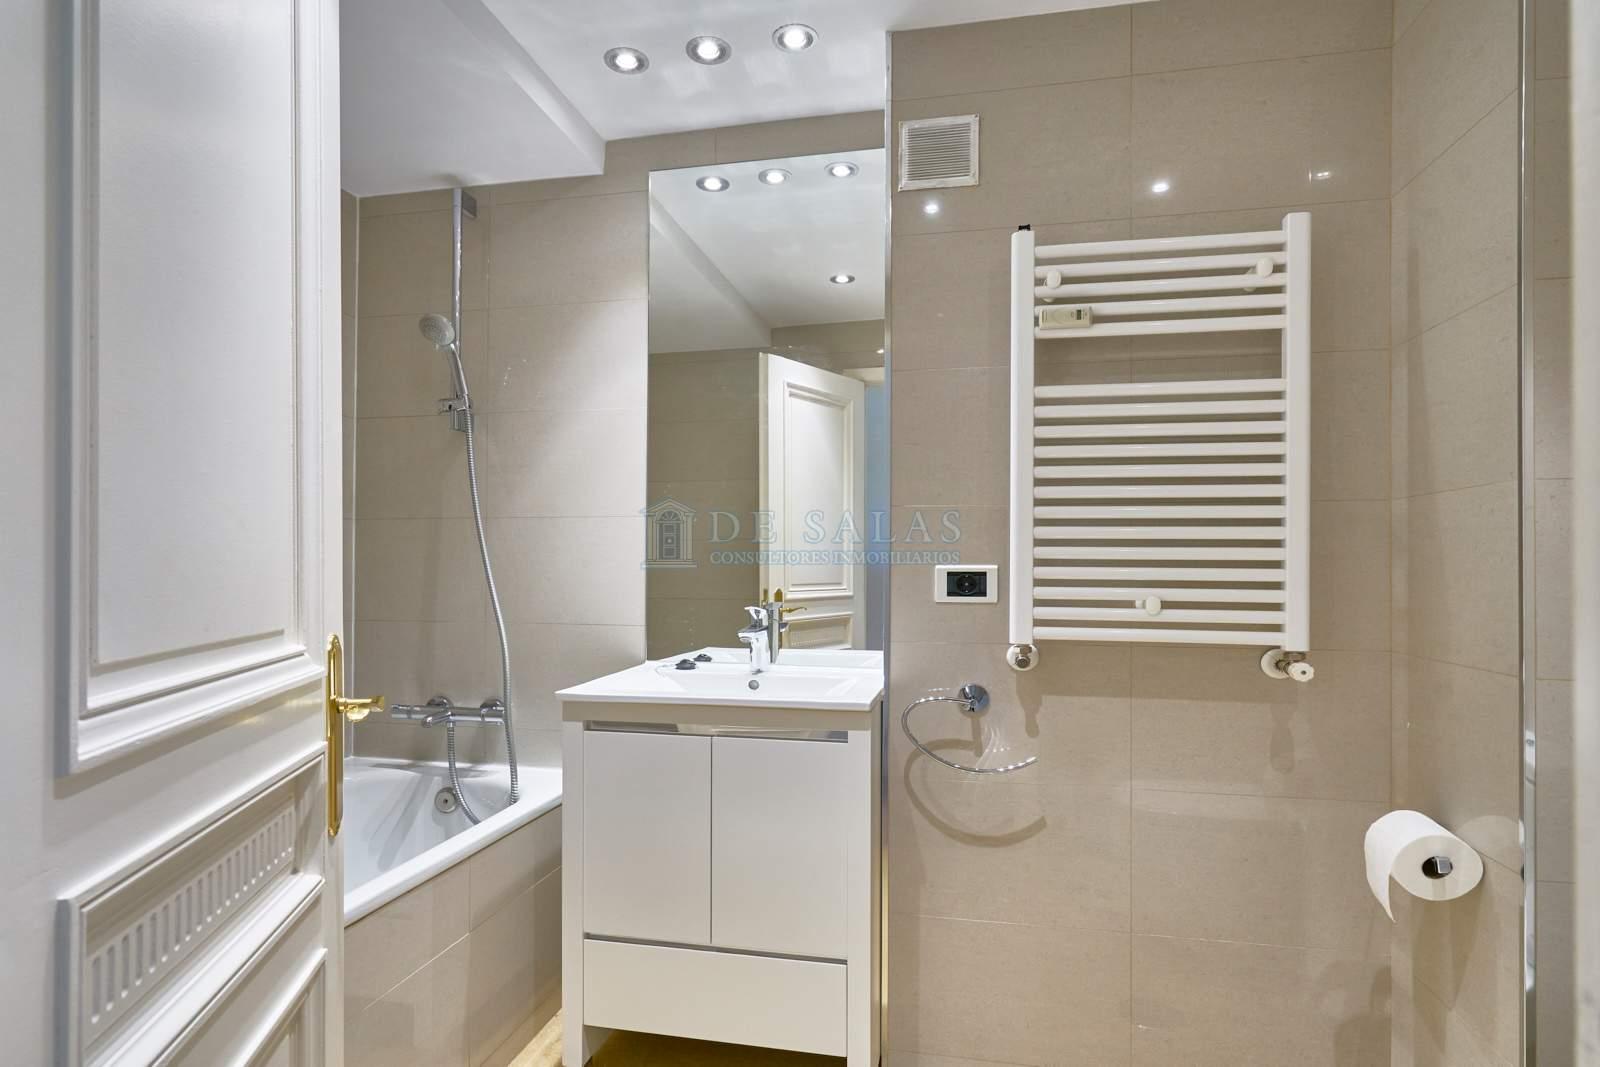 Baño-0016 Appartement Soto de la Moraleja